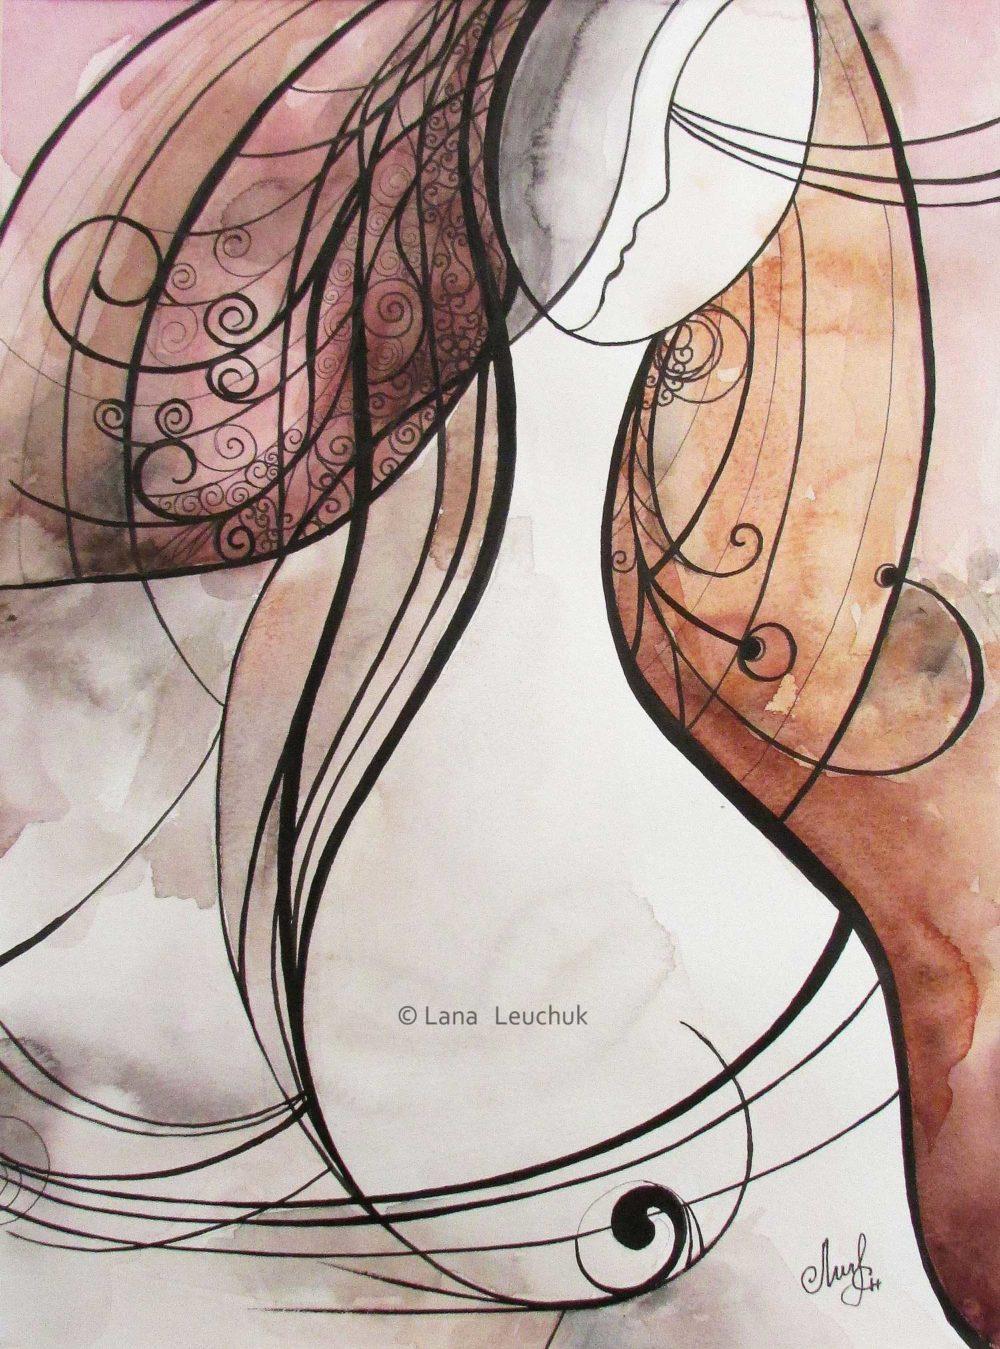 art-by-Lana-Leuchuk-Feminity